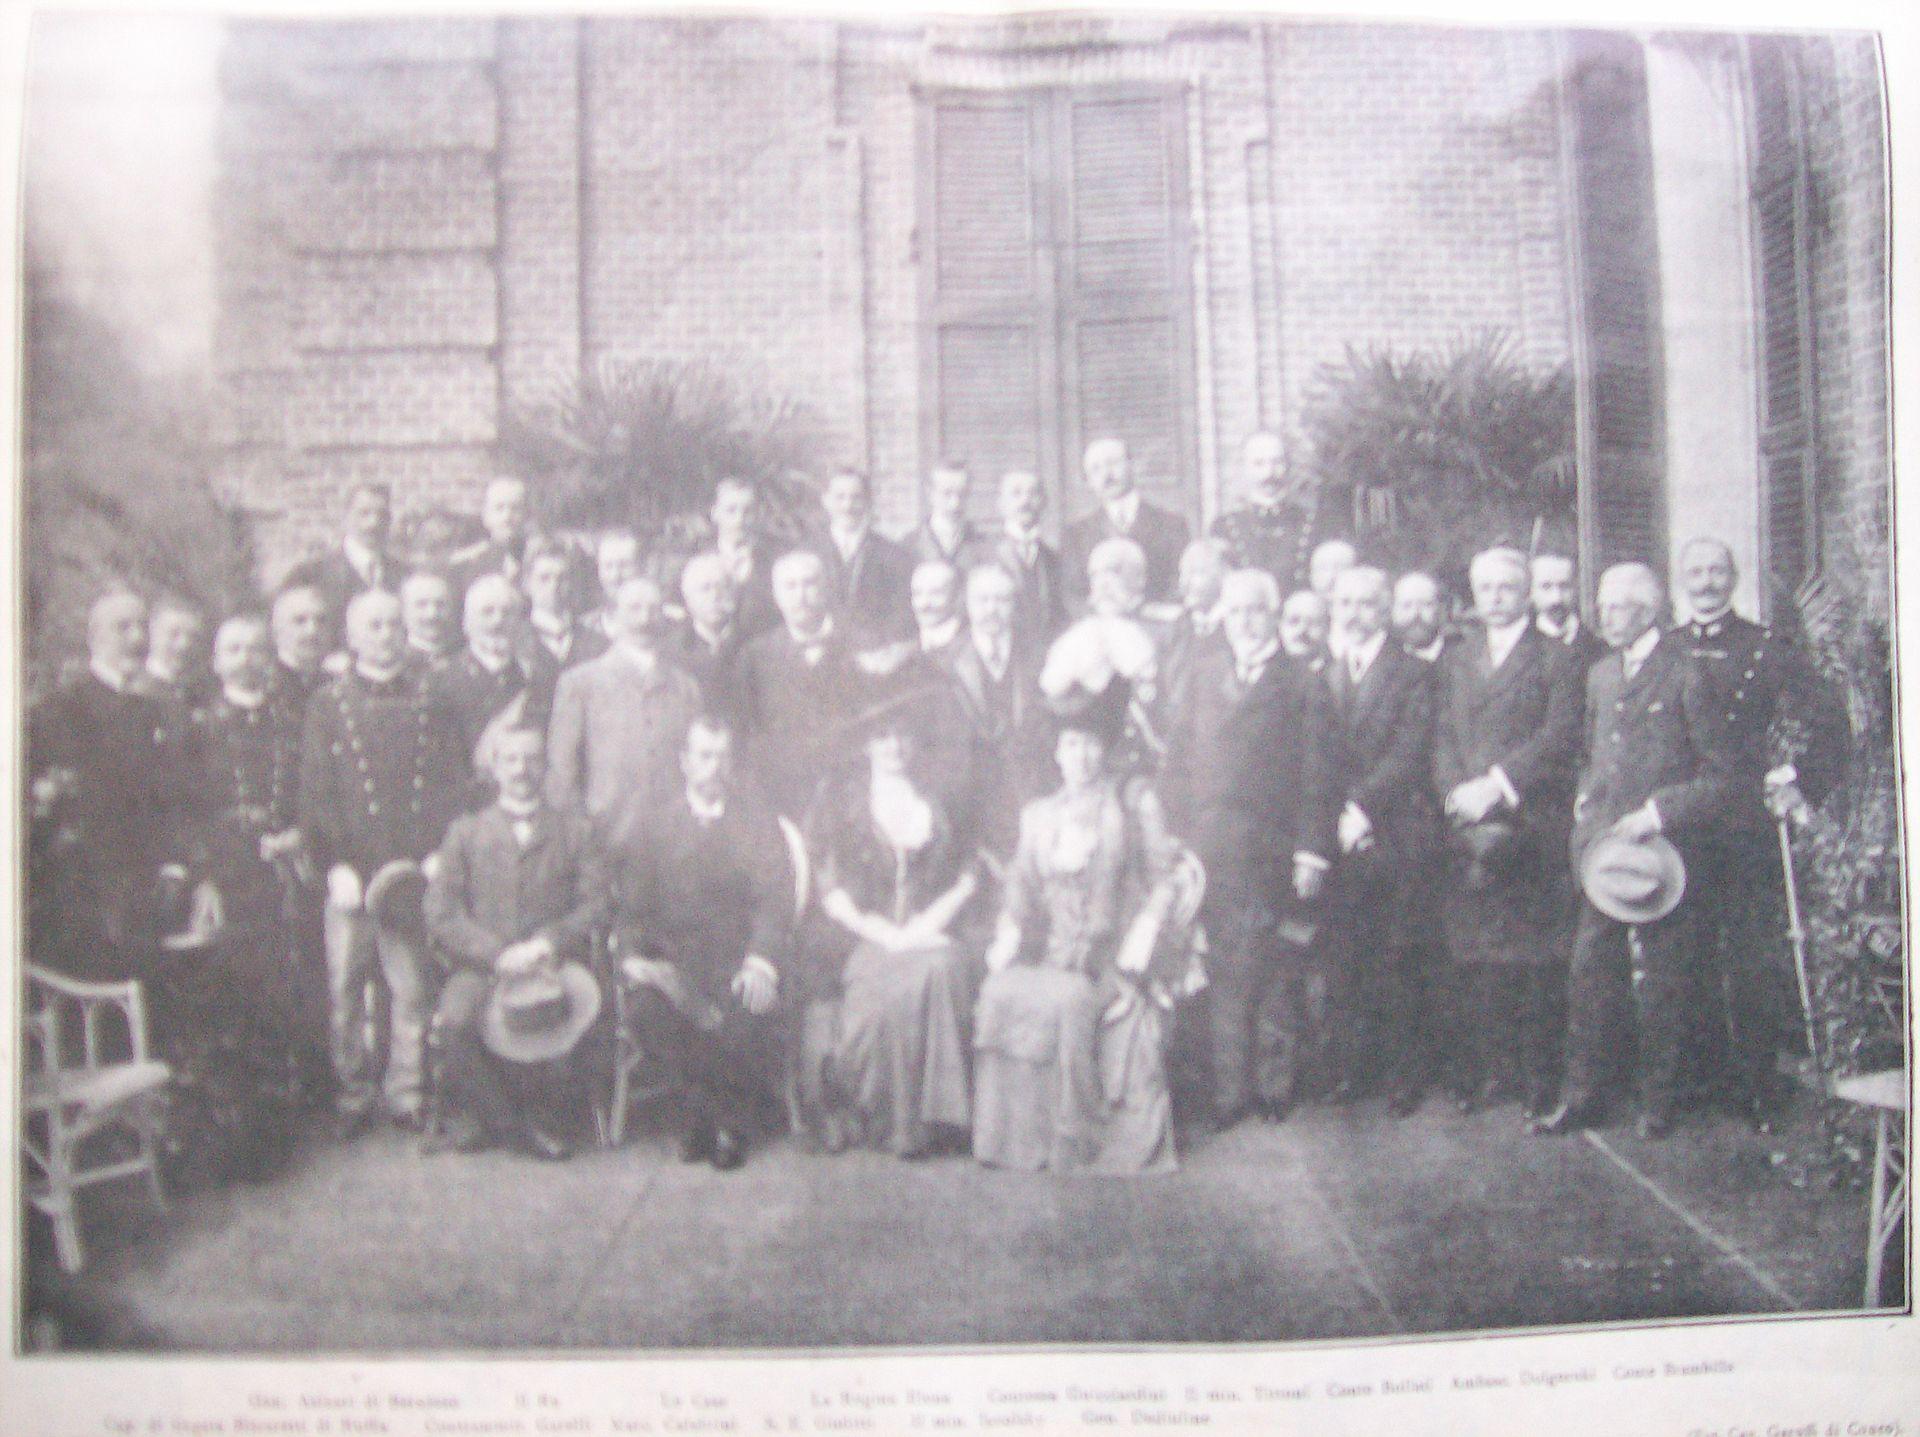 Vittorio Emanuele III di Savoia e lo zar Nicola II a Racconigi nel 1909. In seconda fila, alla sinistra di Nicola II, si riconosce il presidente del Consiglio Giovanni Giolitti.